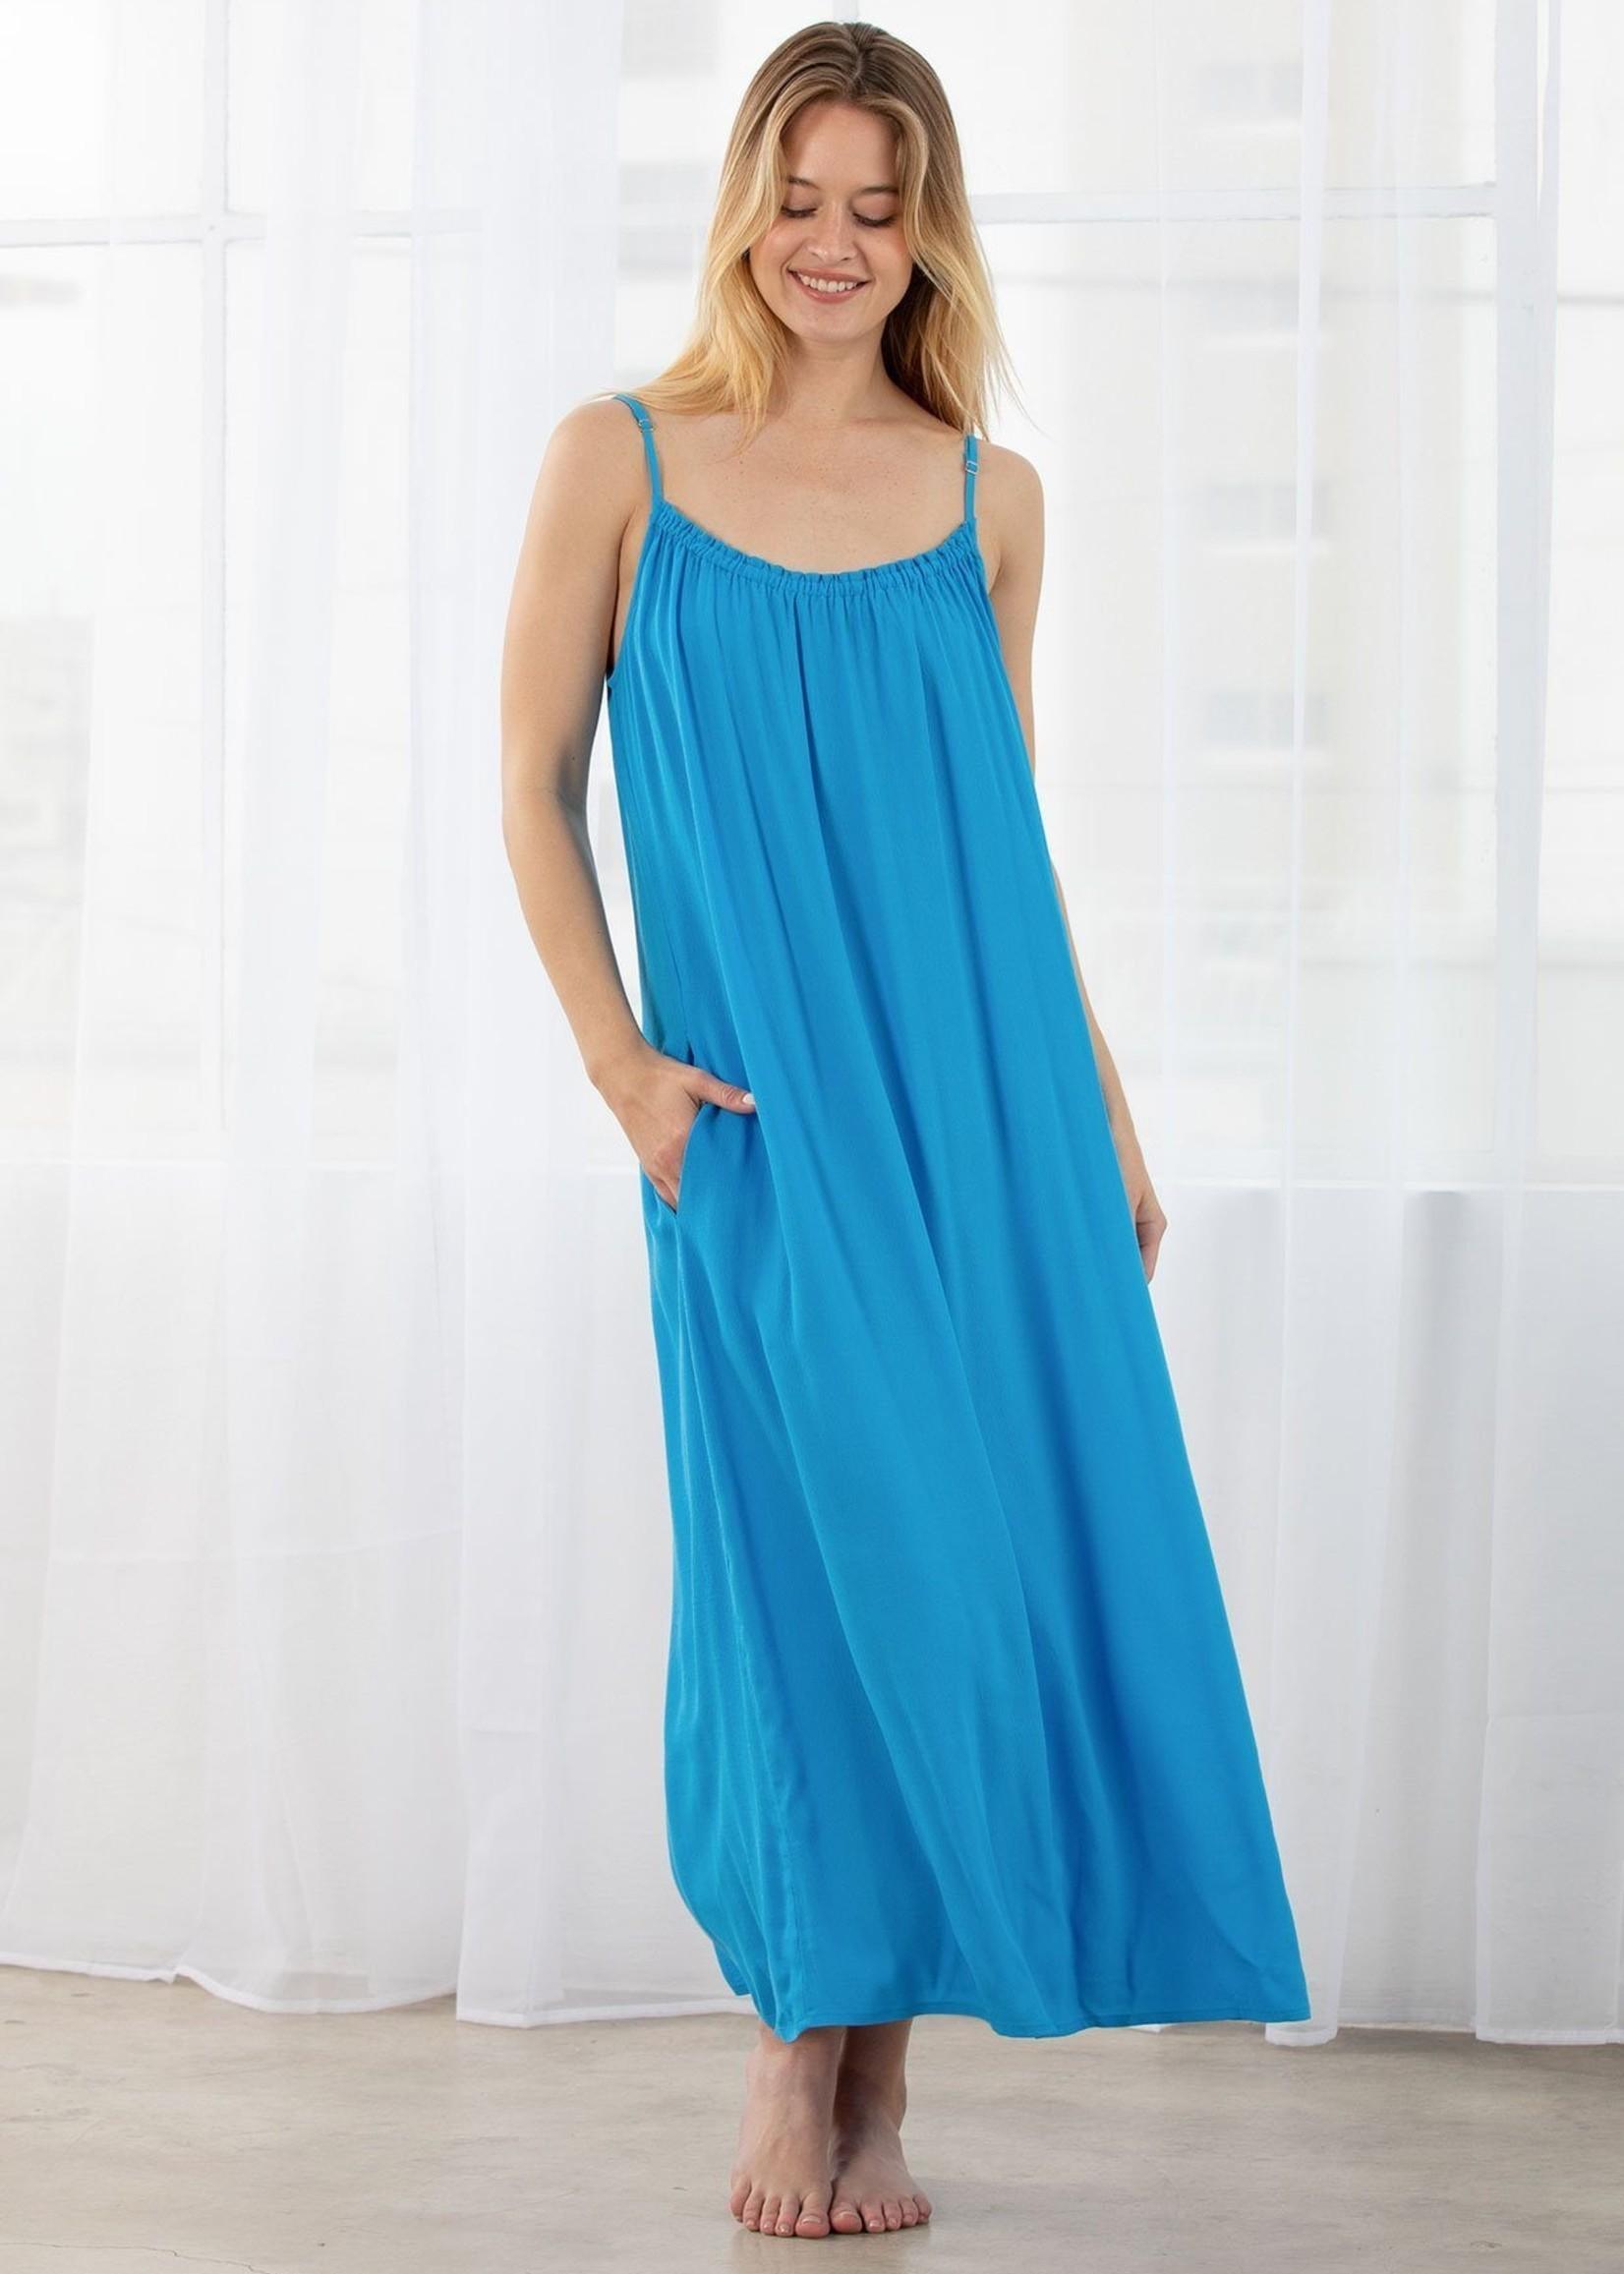 Rain or Shine Maxi Dress- Ocean